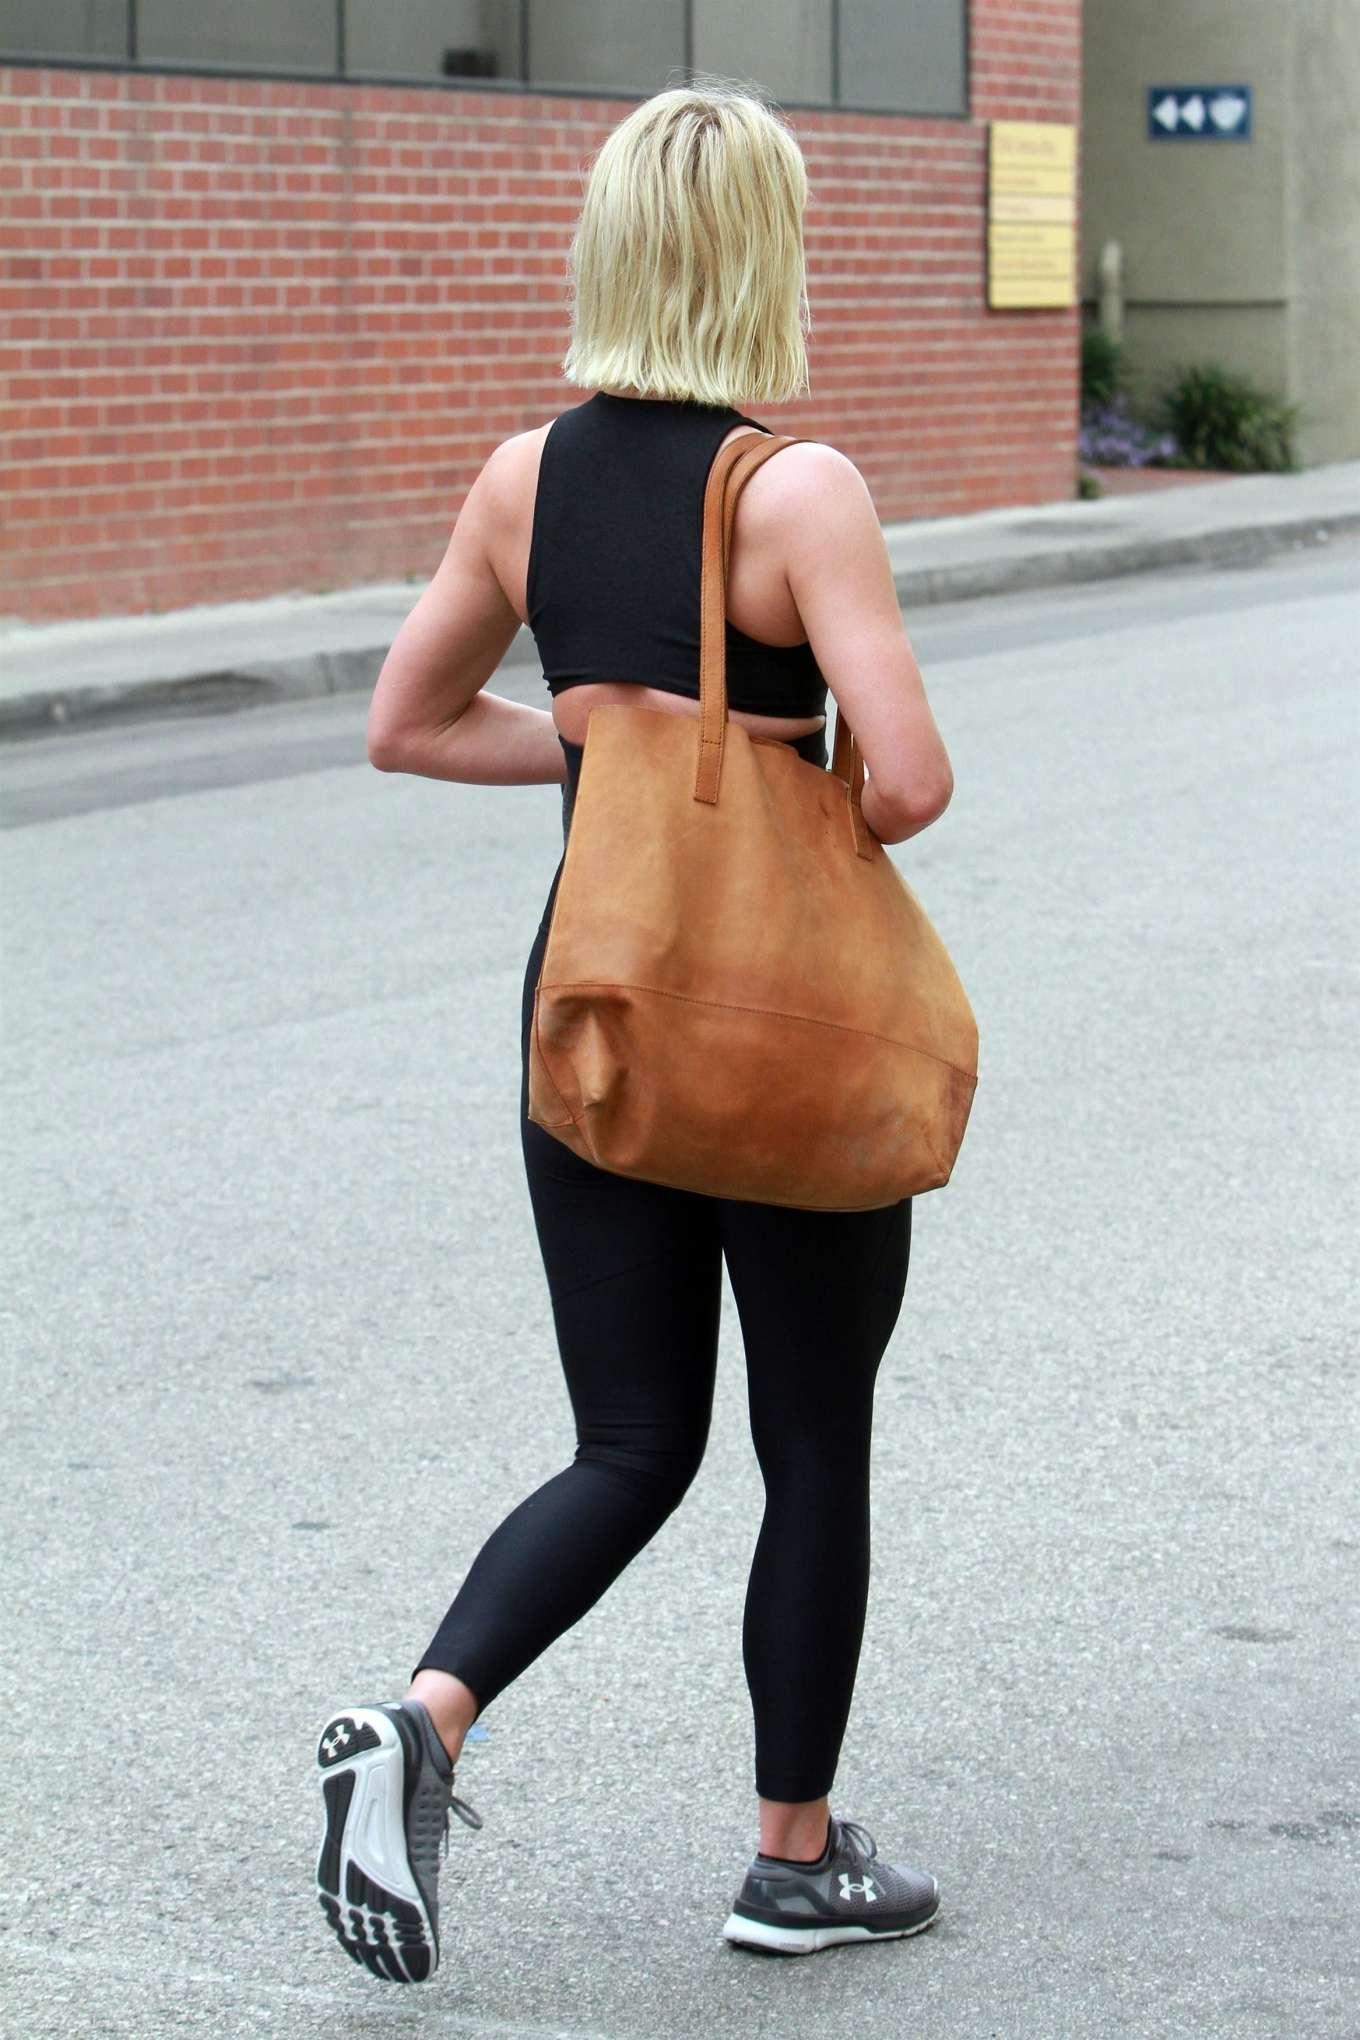 Julianne Hough 2019 : Julianne Hough: Leaving the gym in LA -01